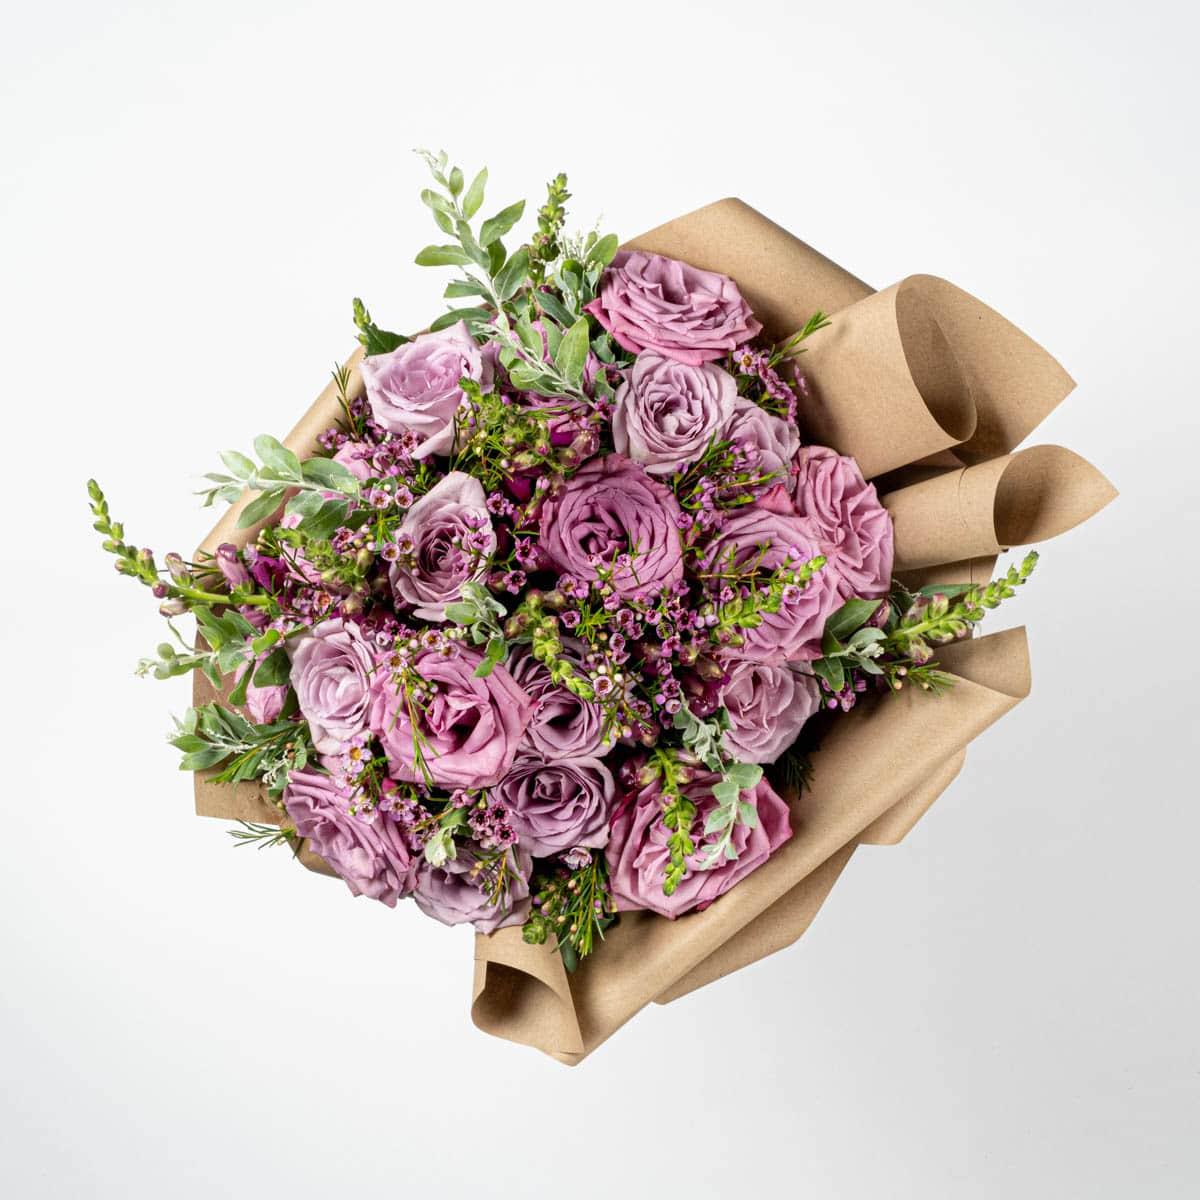 Bloom - Lavender Clouds Bouquet